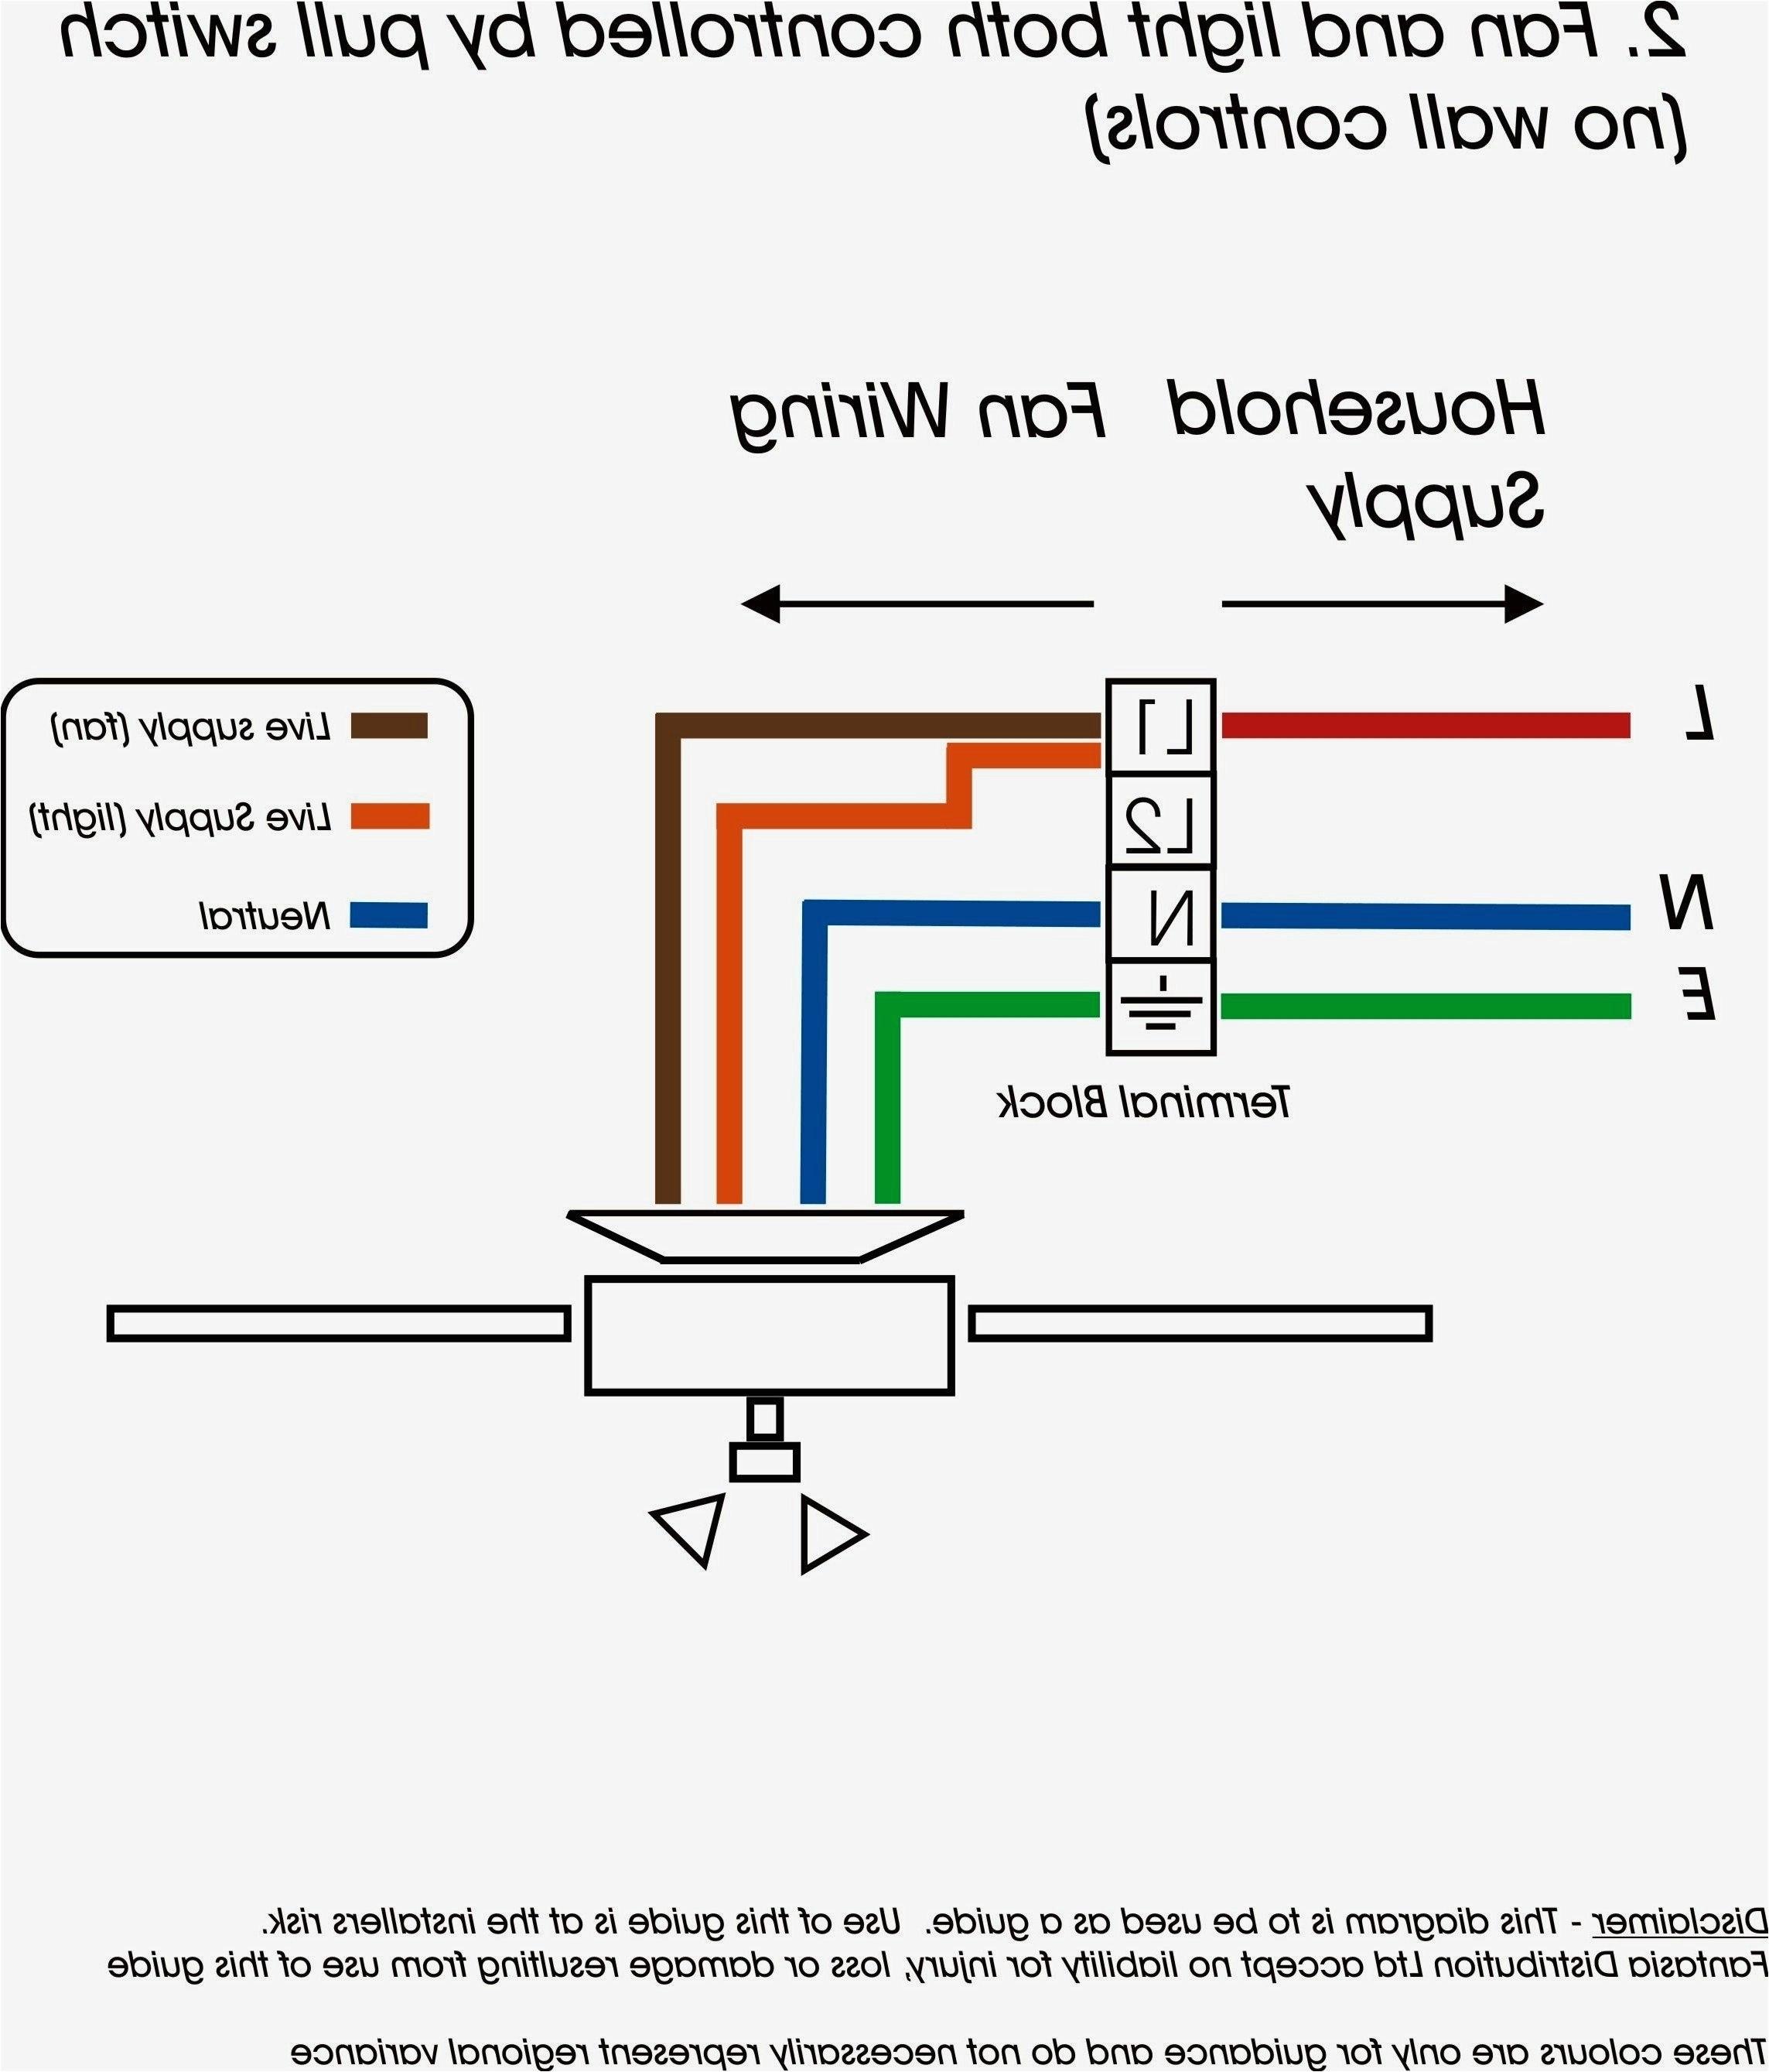 raven mpv 7100 wiring diagram awesome hopkins trailer wiring diagram natebird wiring diagram collection